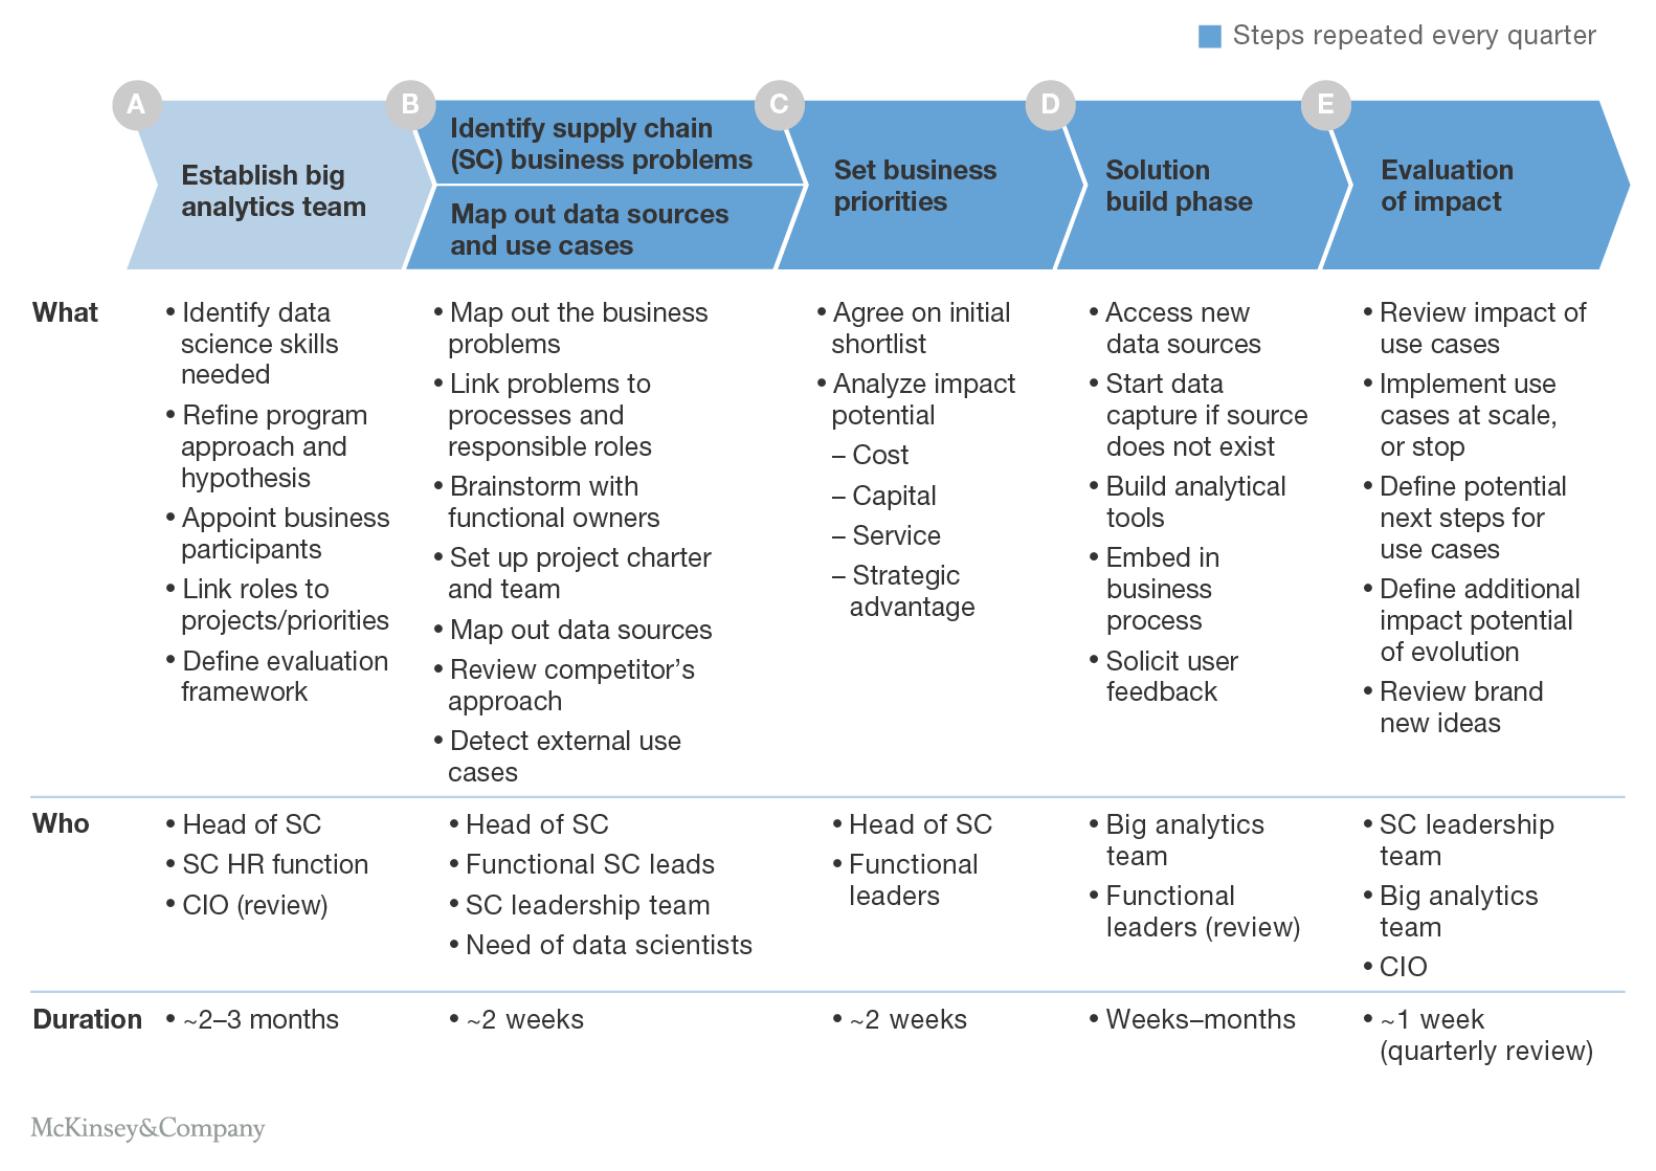 5 Bước chuẩn bị để tiếp cận Big data vào Chuỗi cung ứng doanh nghiệp